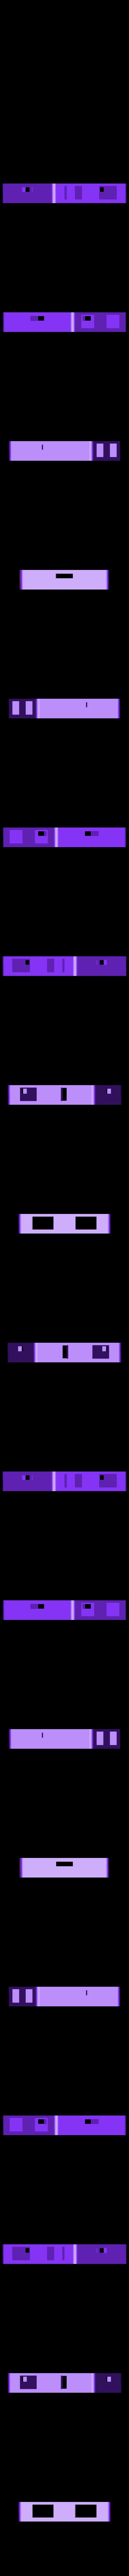 TL-Smoother_enclosure_2_boards_bothem_v1.stl Télécharger fichier STL gratuit Boîtier TL-Smoother Plus (encore un autre) • Plan pour imprimante 3D, 3DED